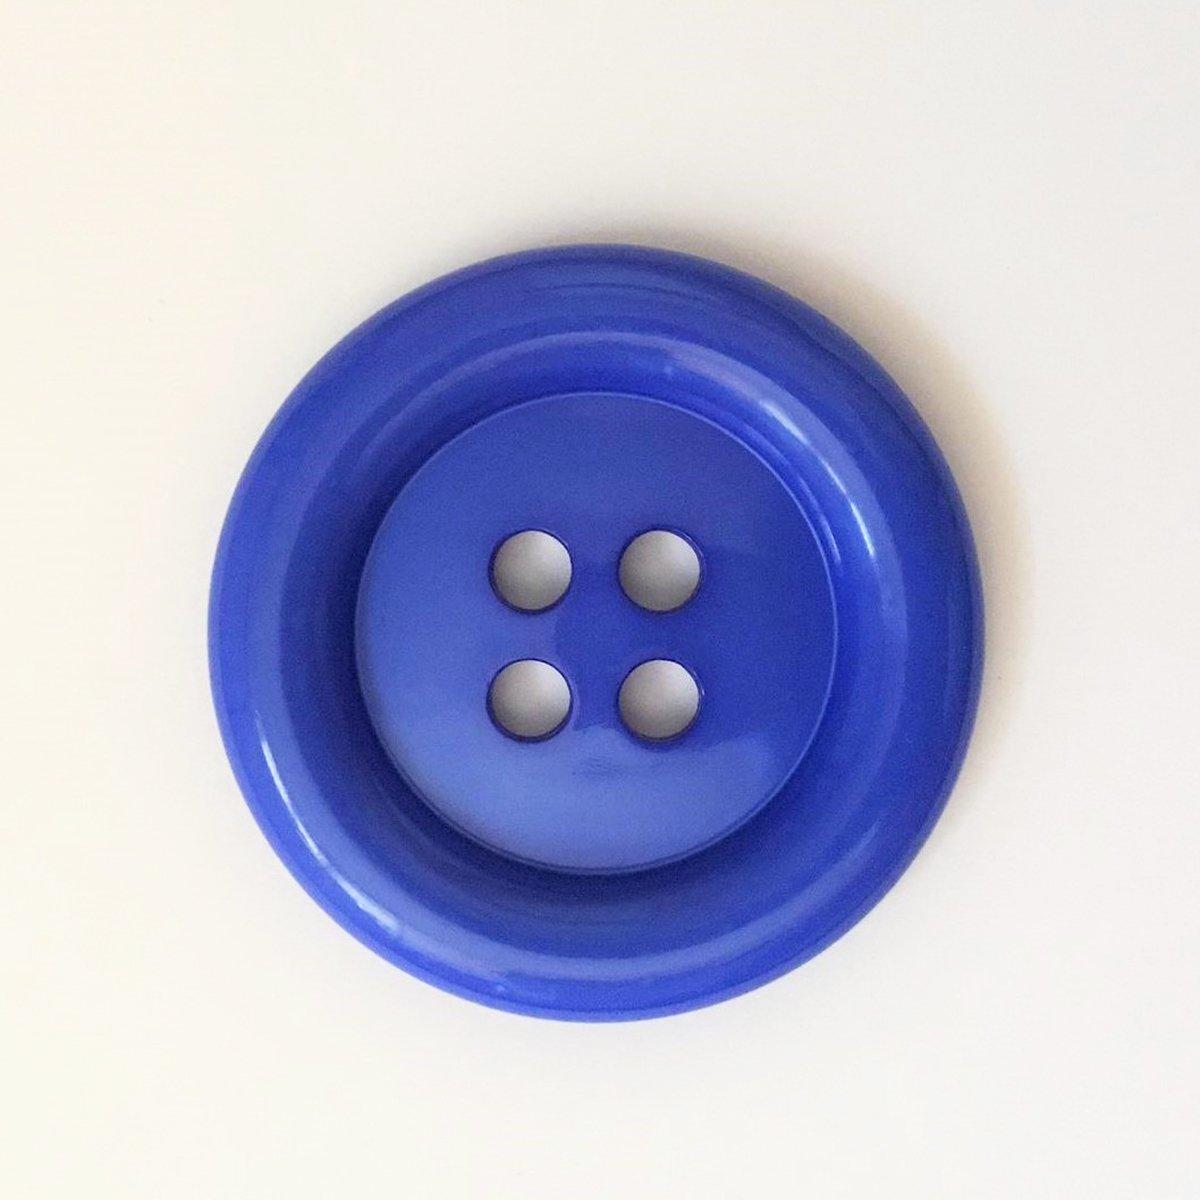 Bleu Roi Vendu /à lUnit/é Gros Boutons Clown 50mm